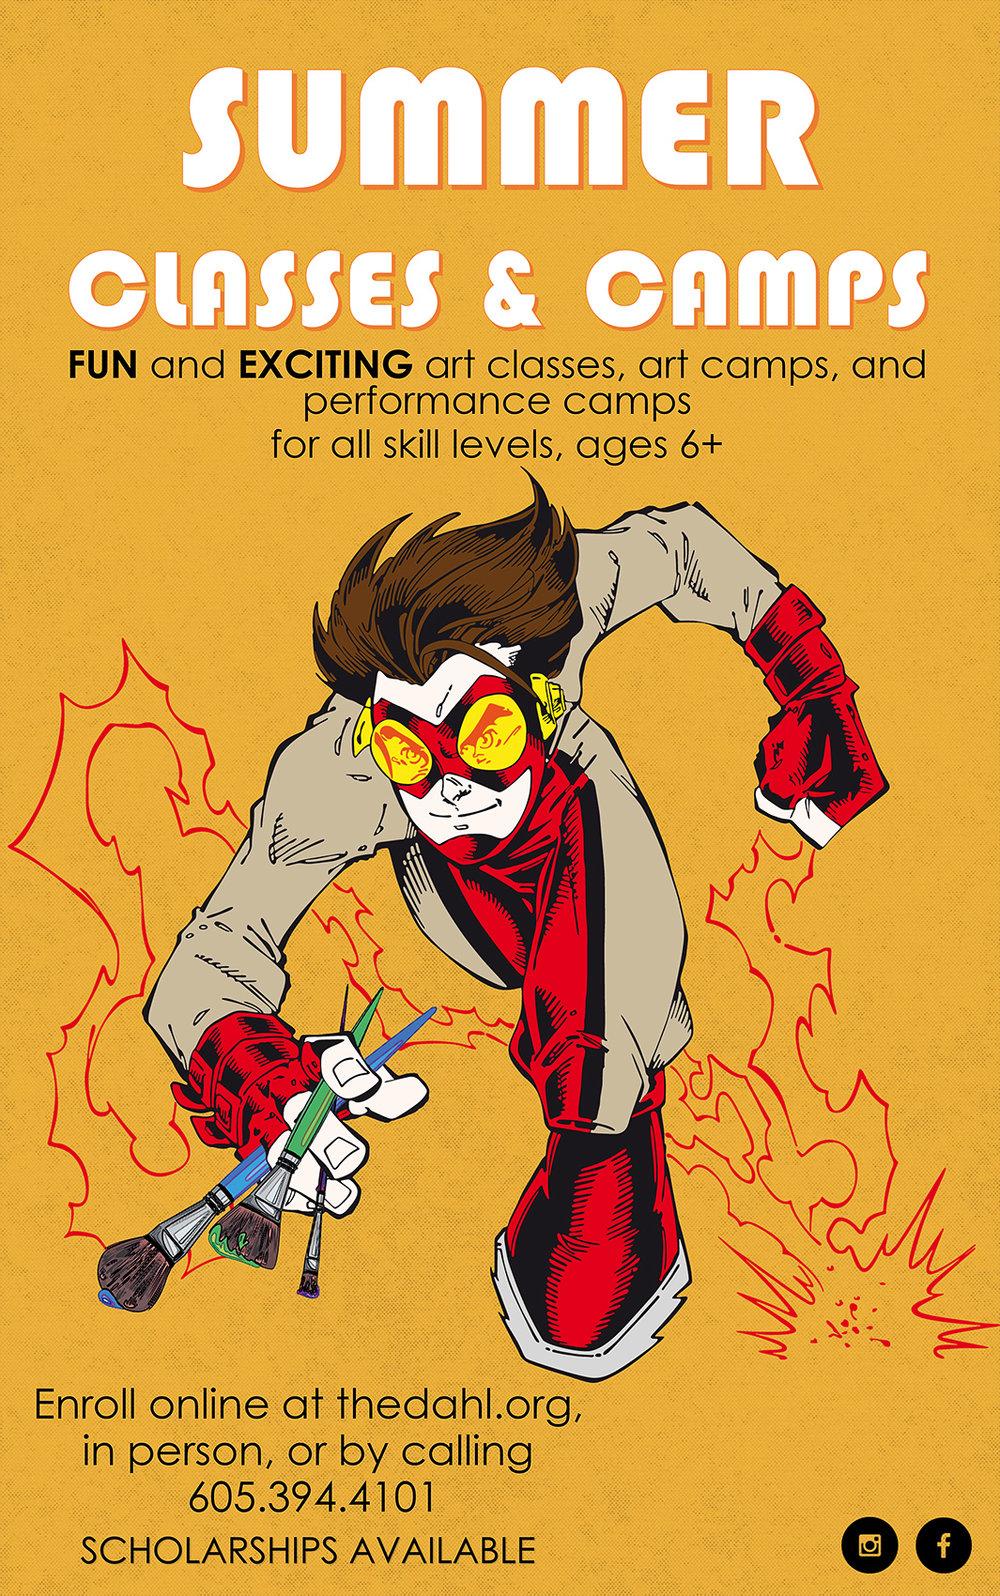 Lisa Kerner | Promotional Poster | Dahl Arts Center